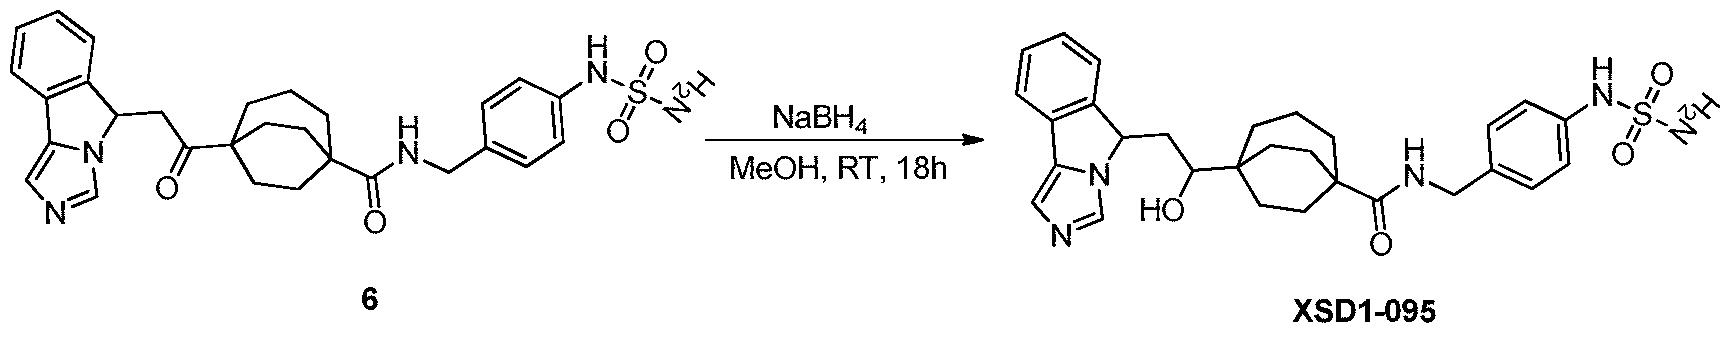 Figure PCTCN2017084604-appb-000149